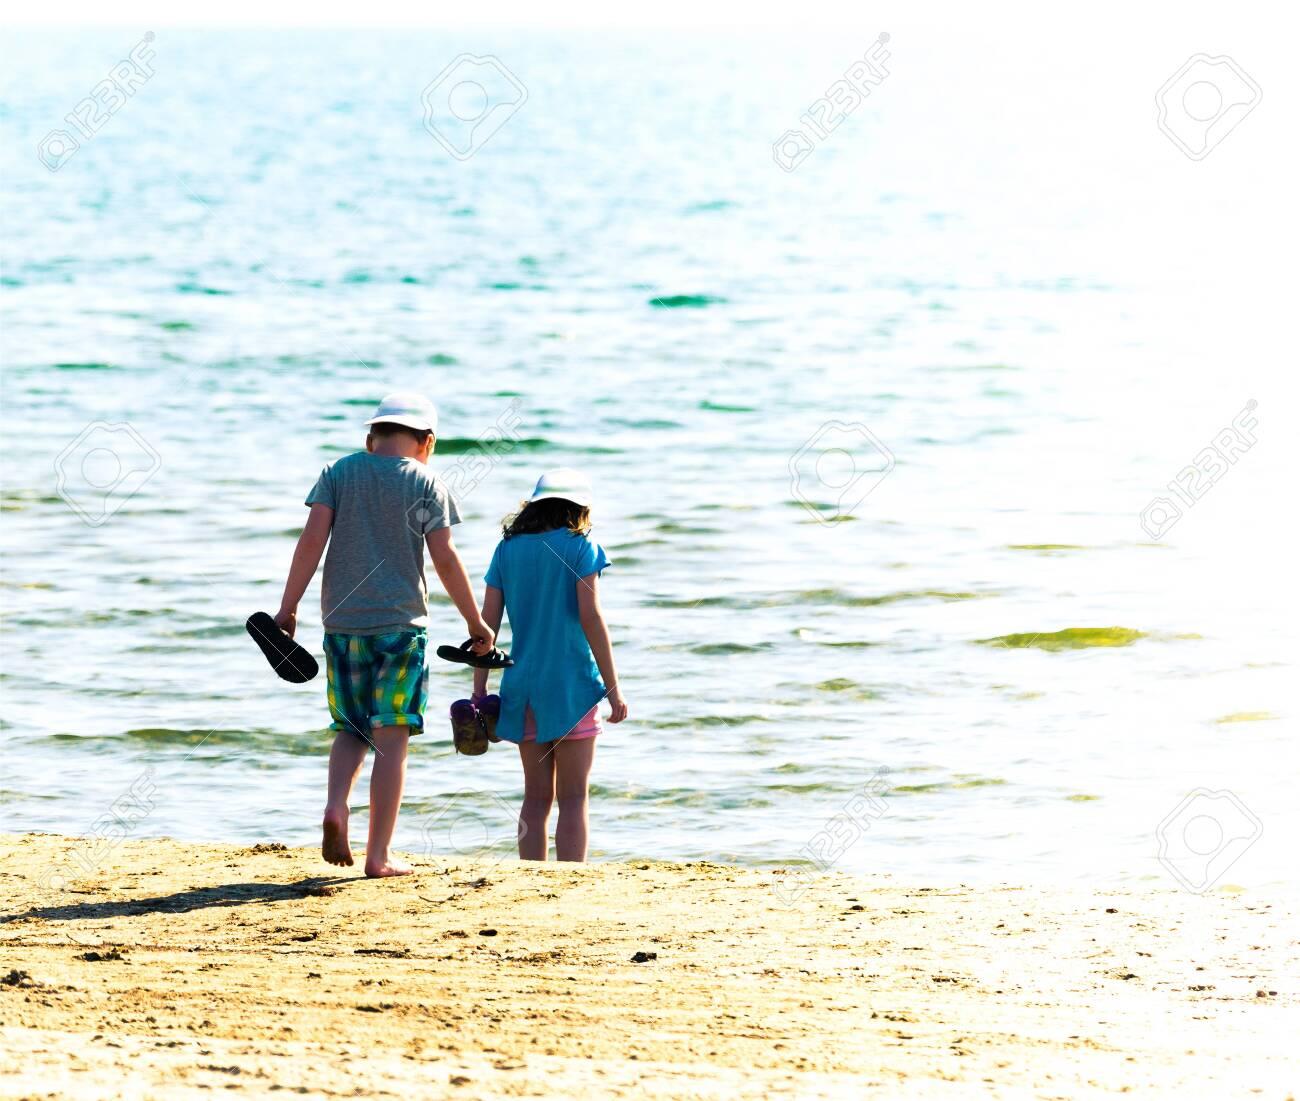 pair of children on sandy beach - 125950132